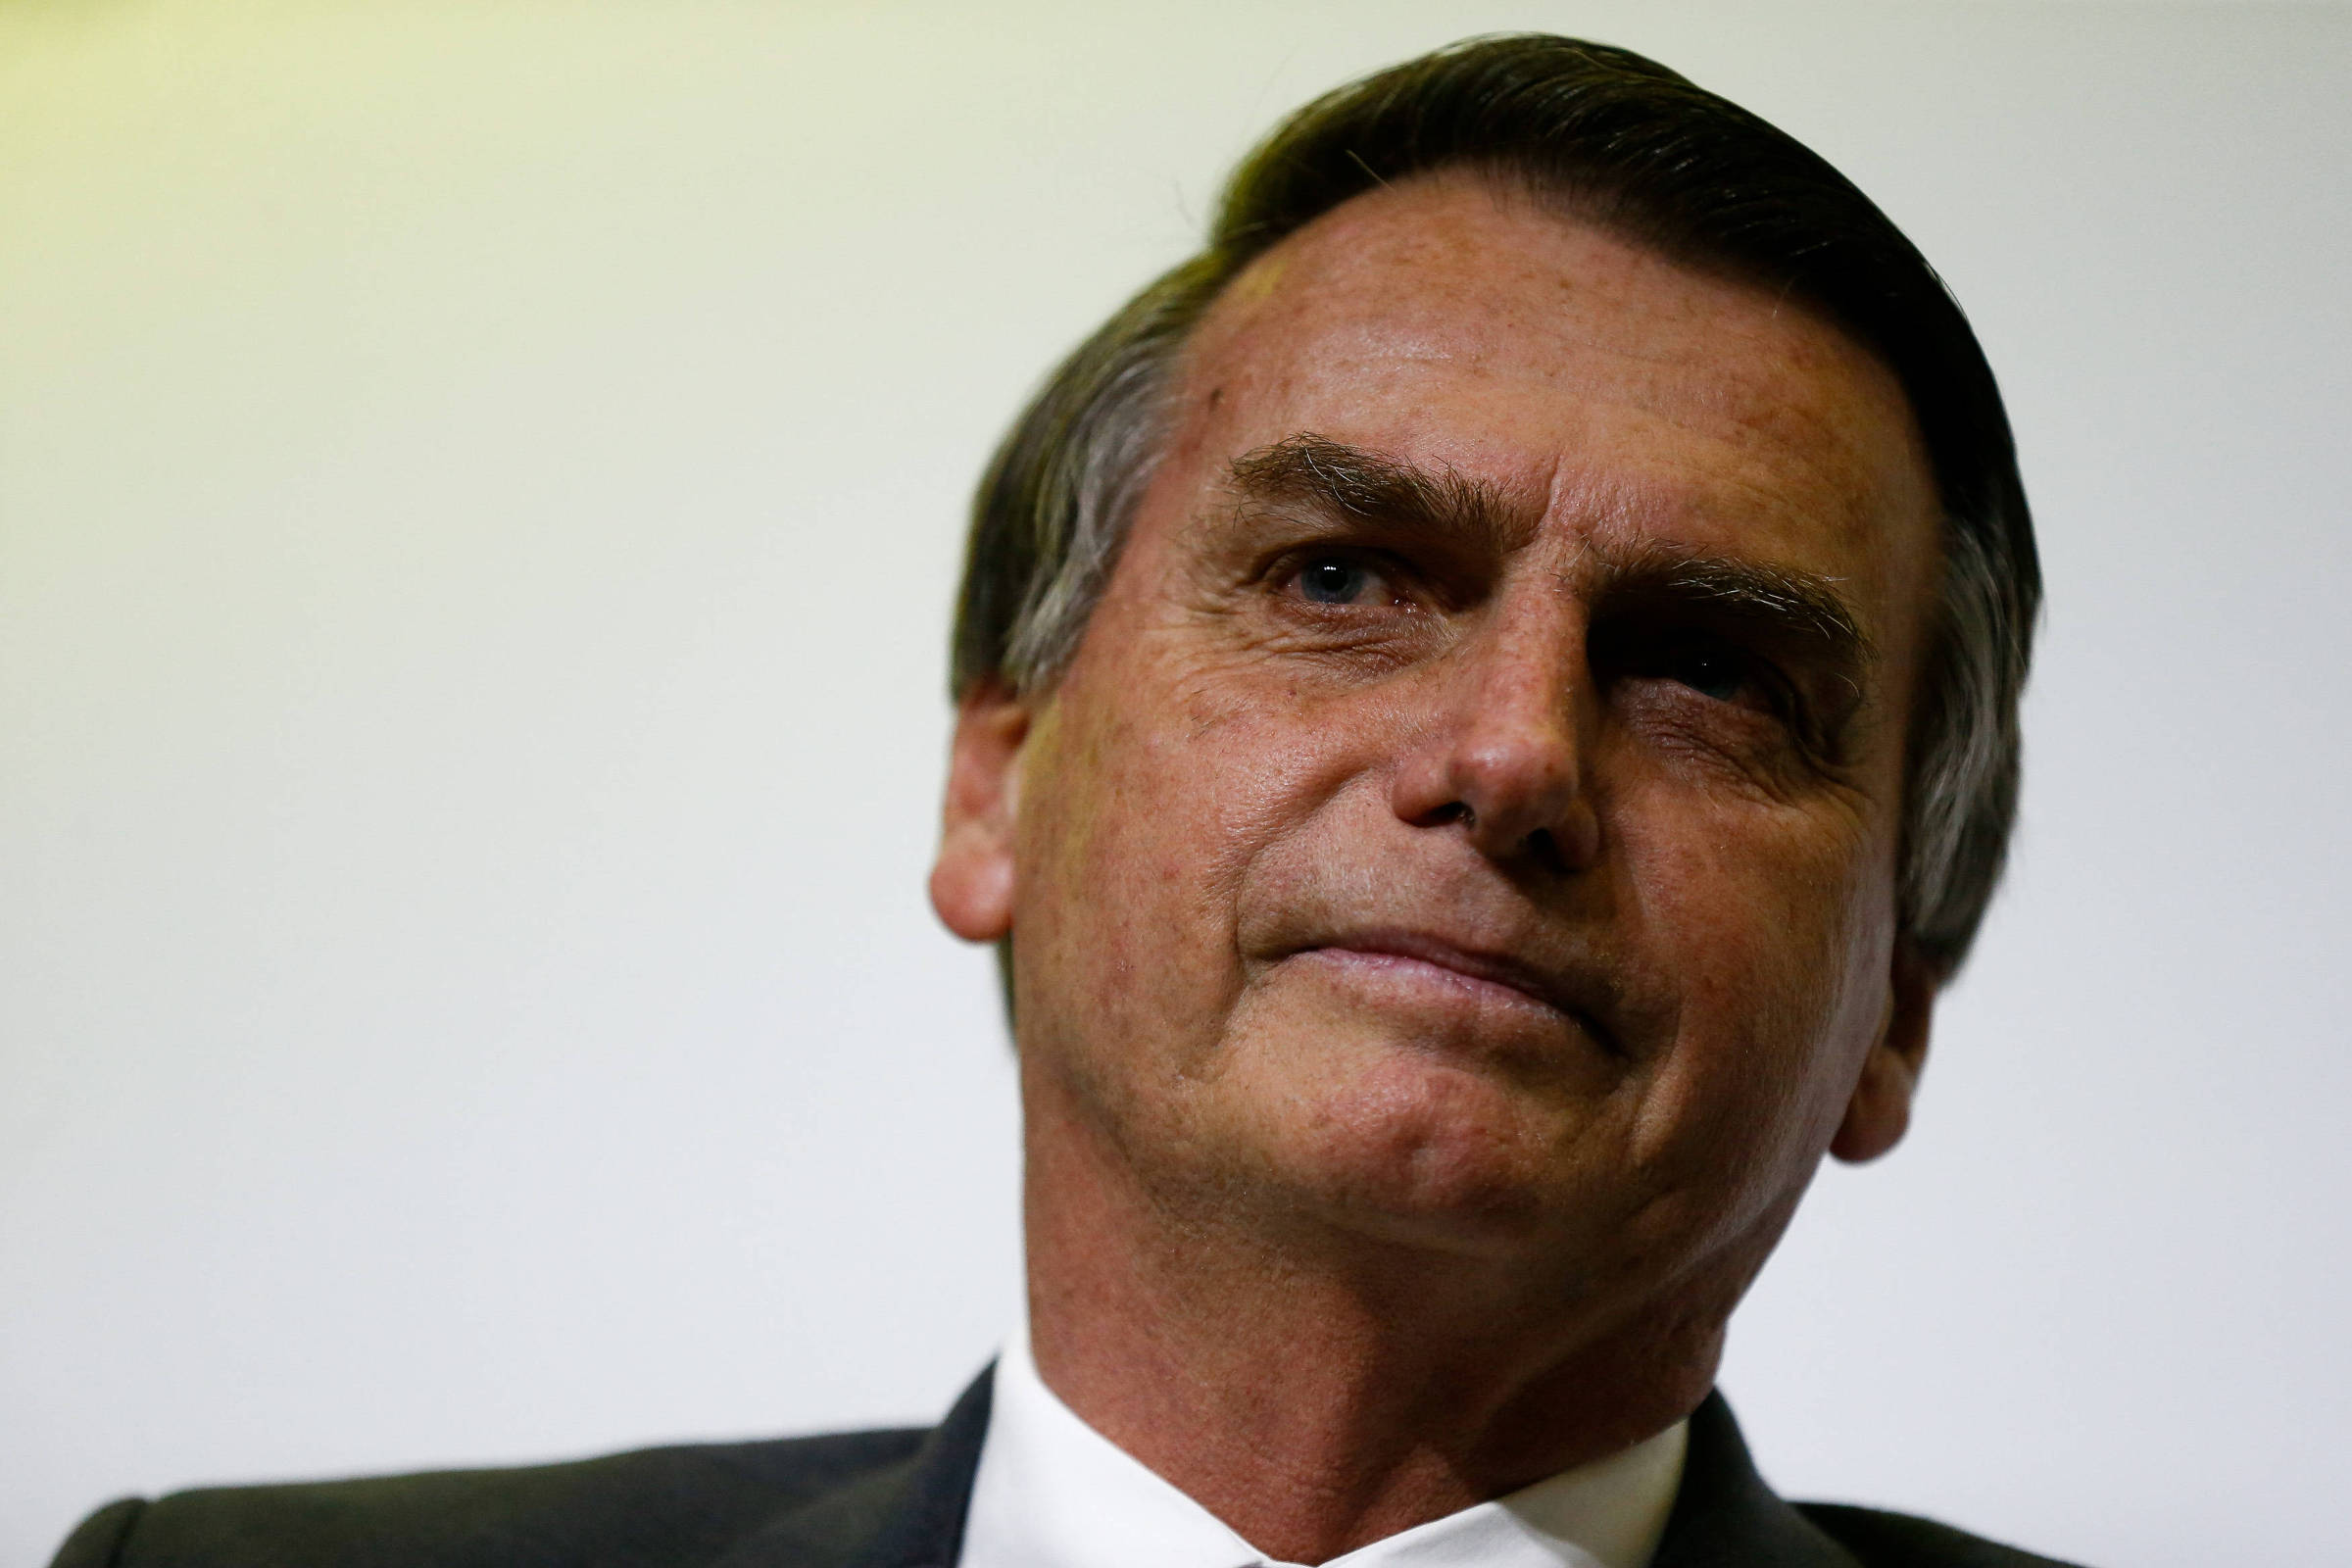 Veja 11 Frases Polêmicas De Bolsonaro 06102018 Poder Folha